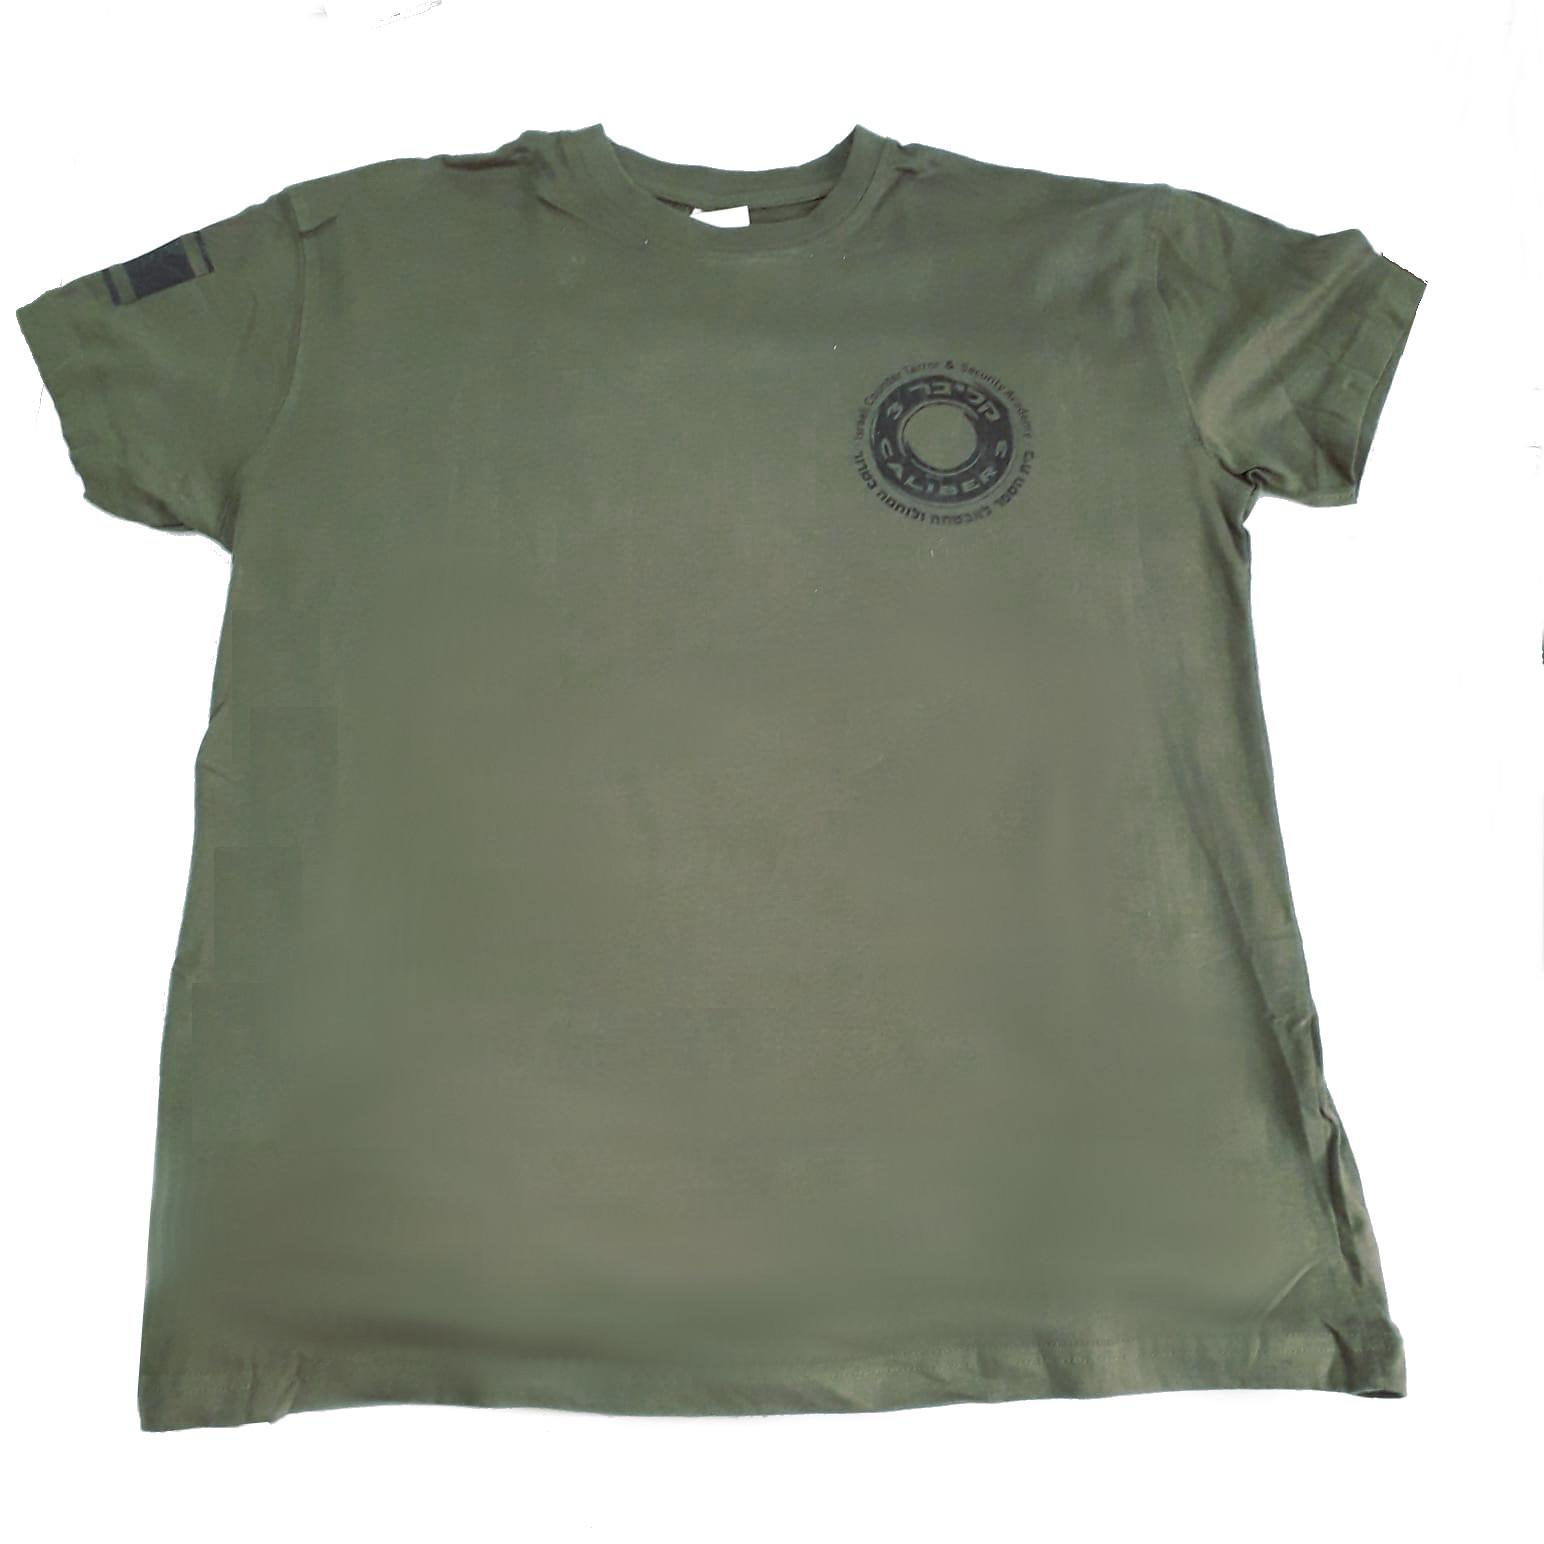 caliber 3 green cotton shirt.jpeg